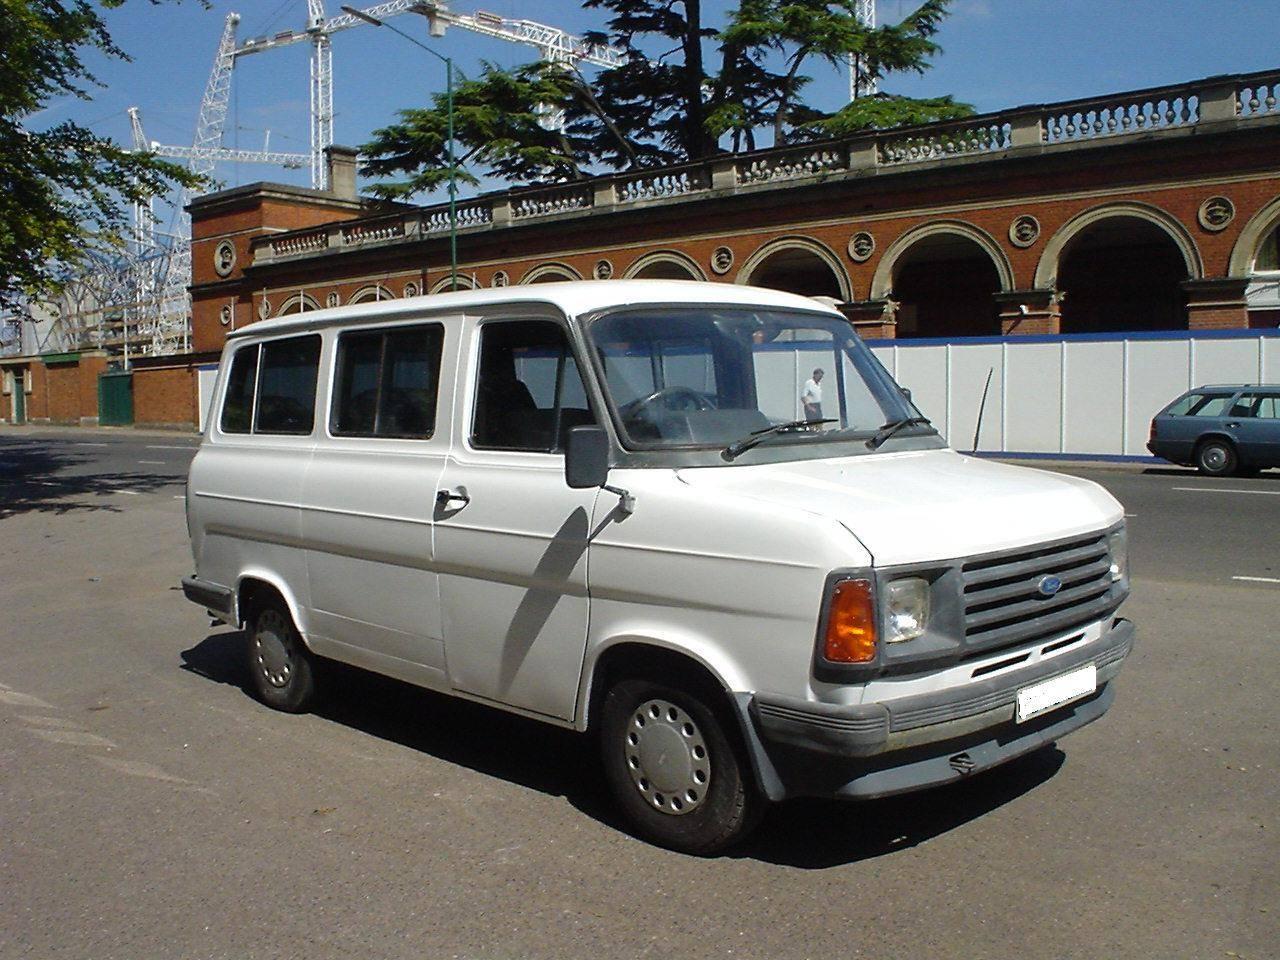 1980s 12 seat minibus